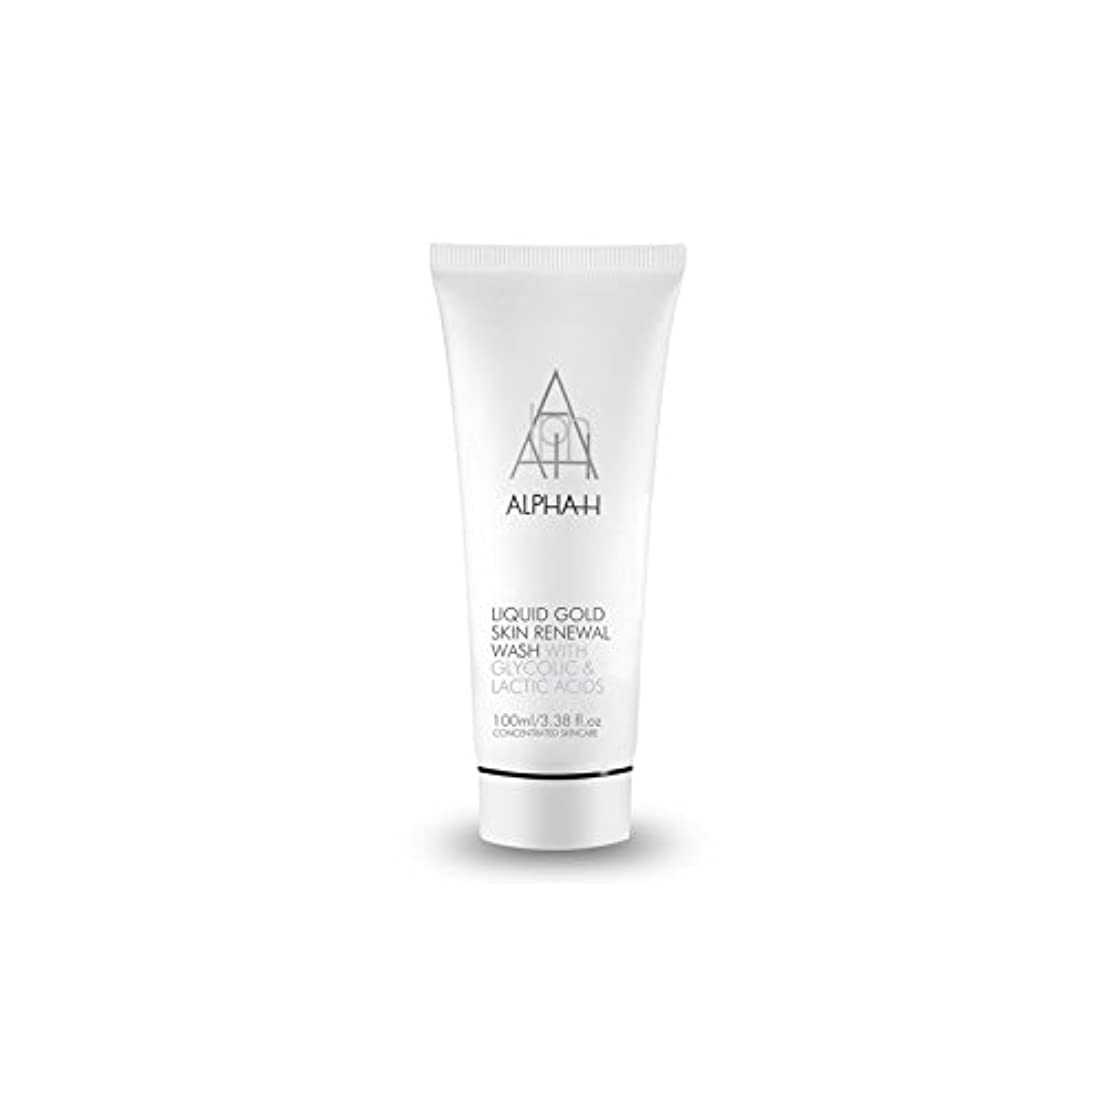 立法ショッキング生Alpha H Gold Skin Renewal Wash (100ml) (Pack of 6) - アルファのゴールドスキンリニューアルウォッシュ(100ミリリットル) x6 [並行輸入品]